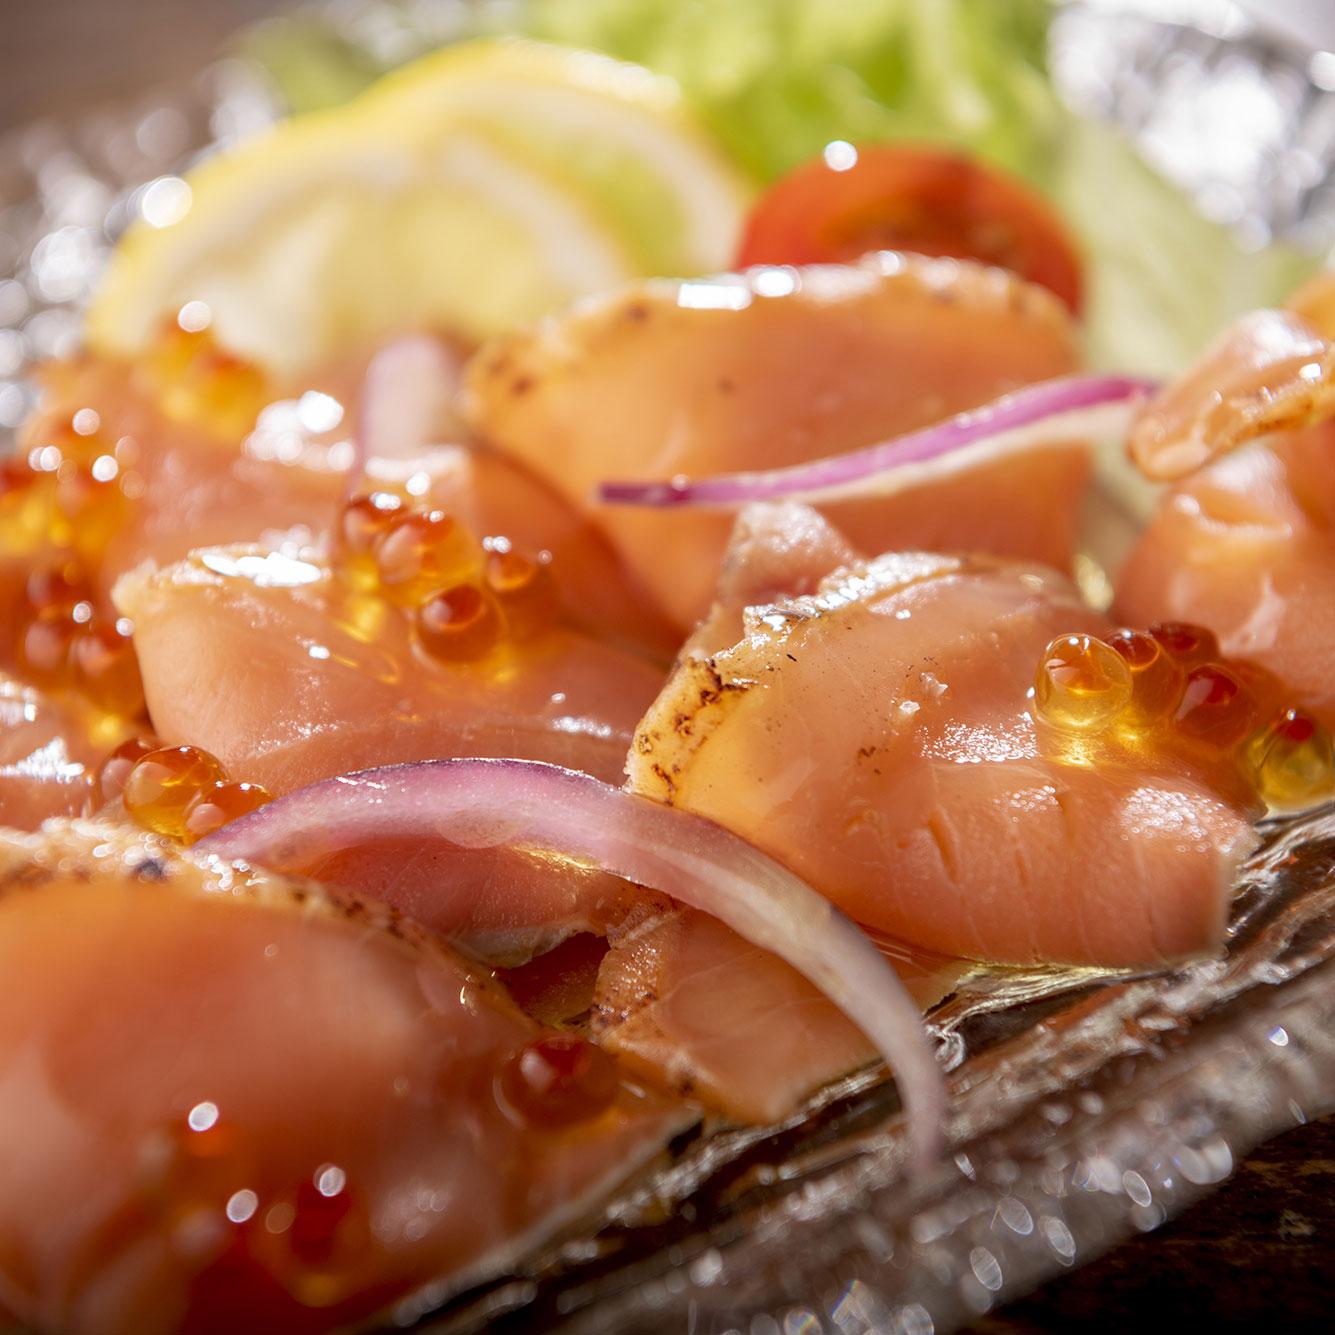 三協水産 漁吉丸 銀聖食べつくしセット 銀聖切身 いくら